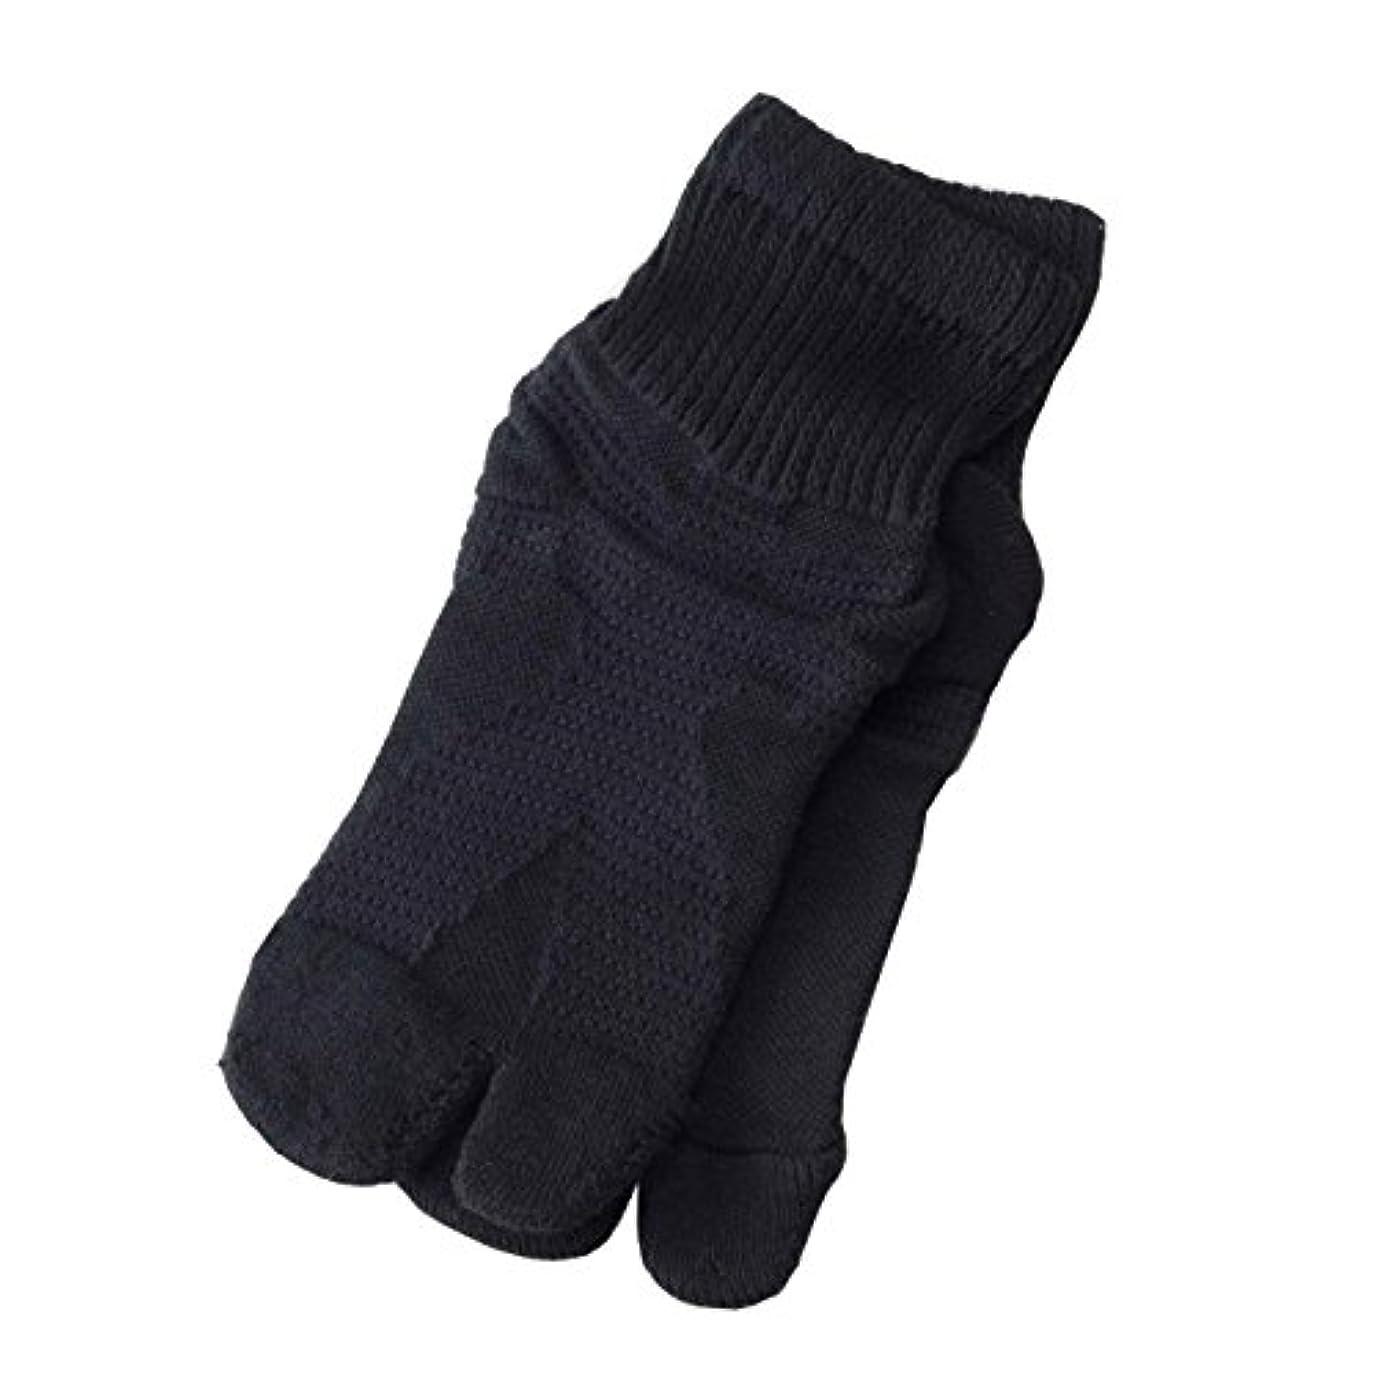 最悪なぞらえる長々と日本製歩行サポート足袋ソックス (ブラック, 23~25cm)